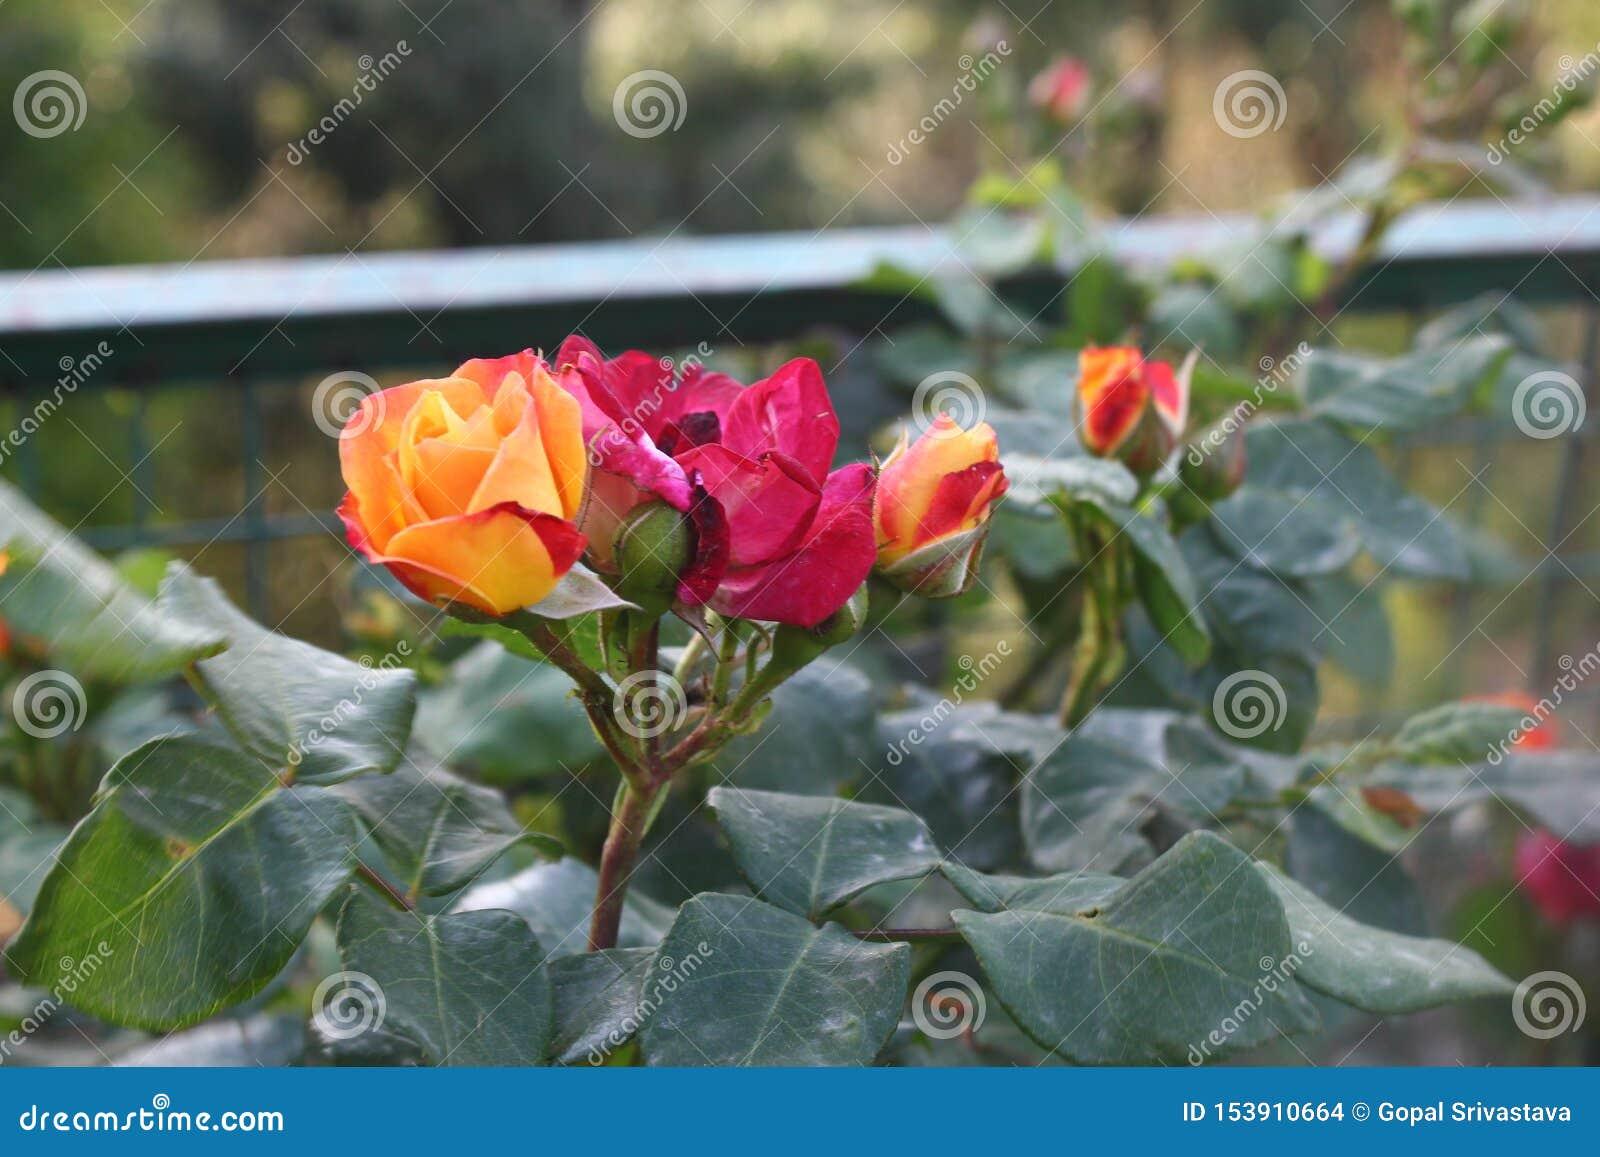 Γοητευτικοί ζωηρόχρωμοι λουλούδι και οφθαλμός